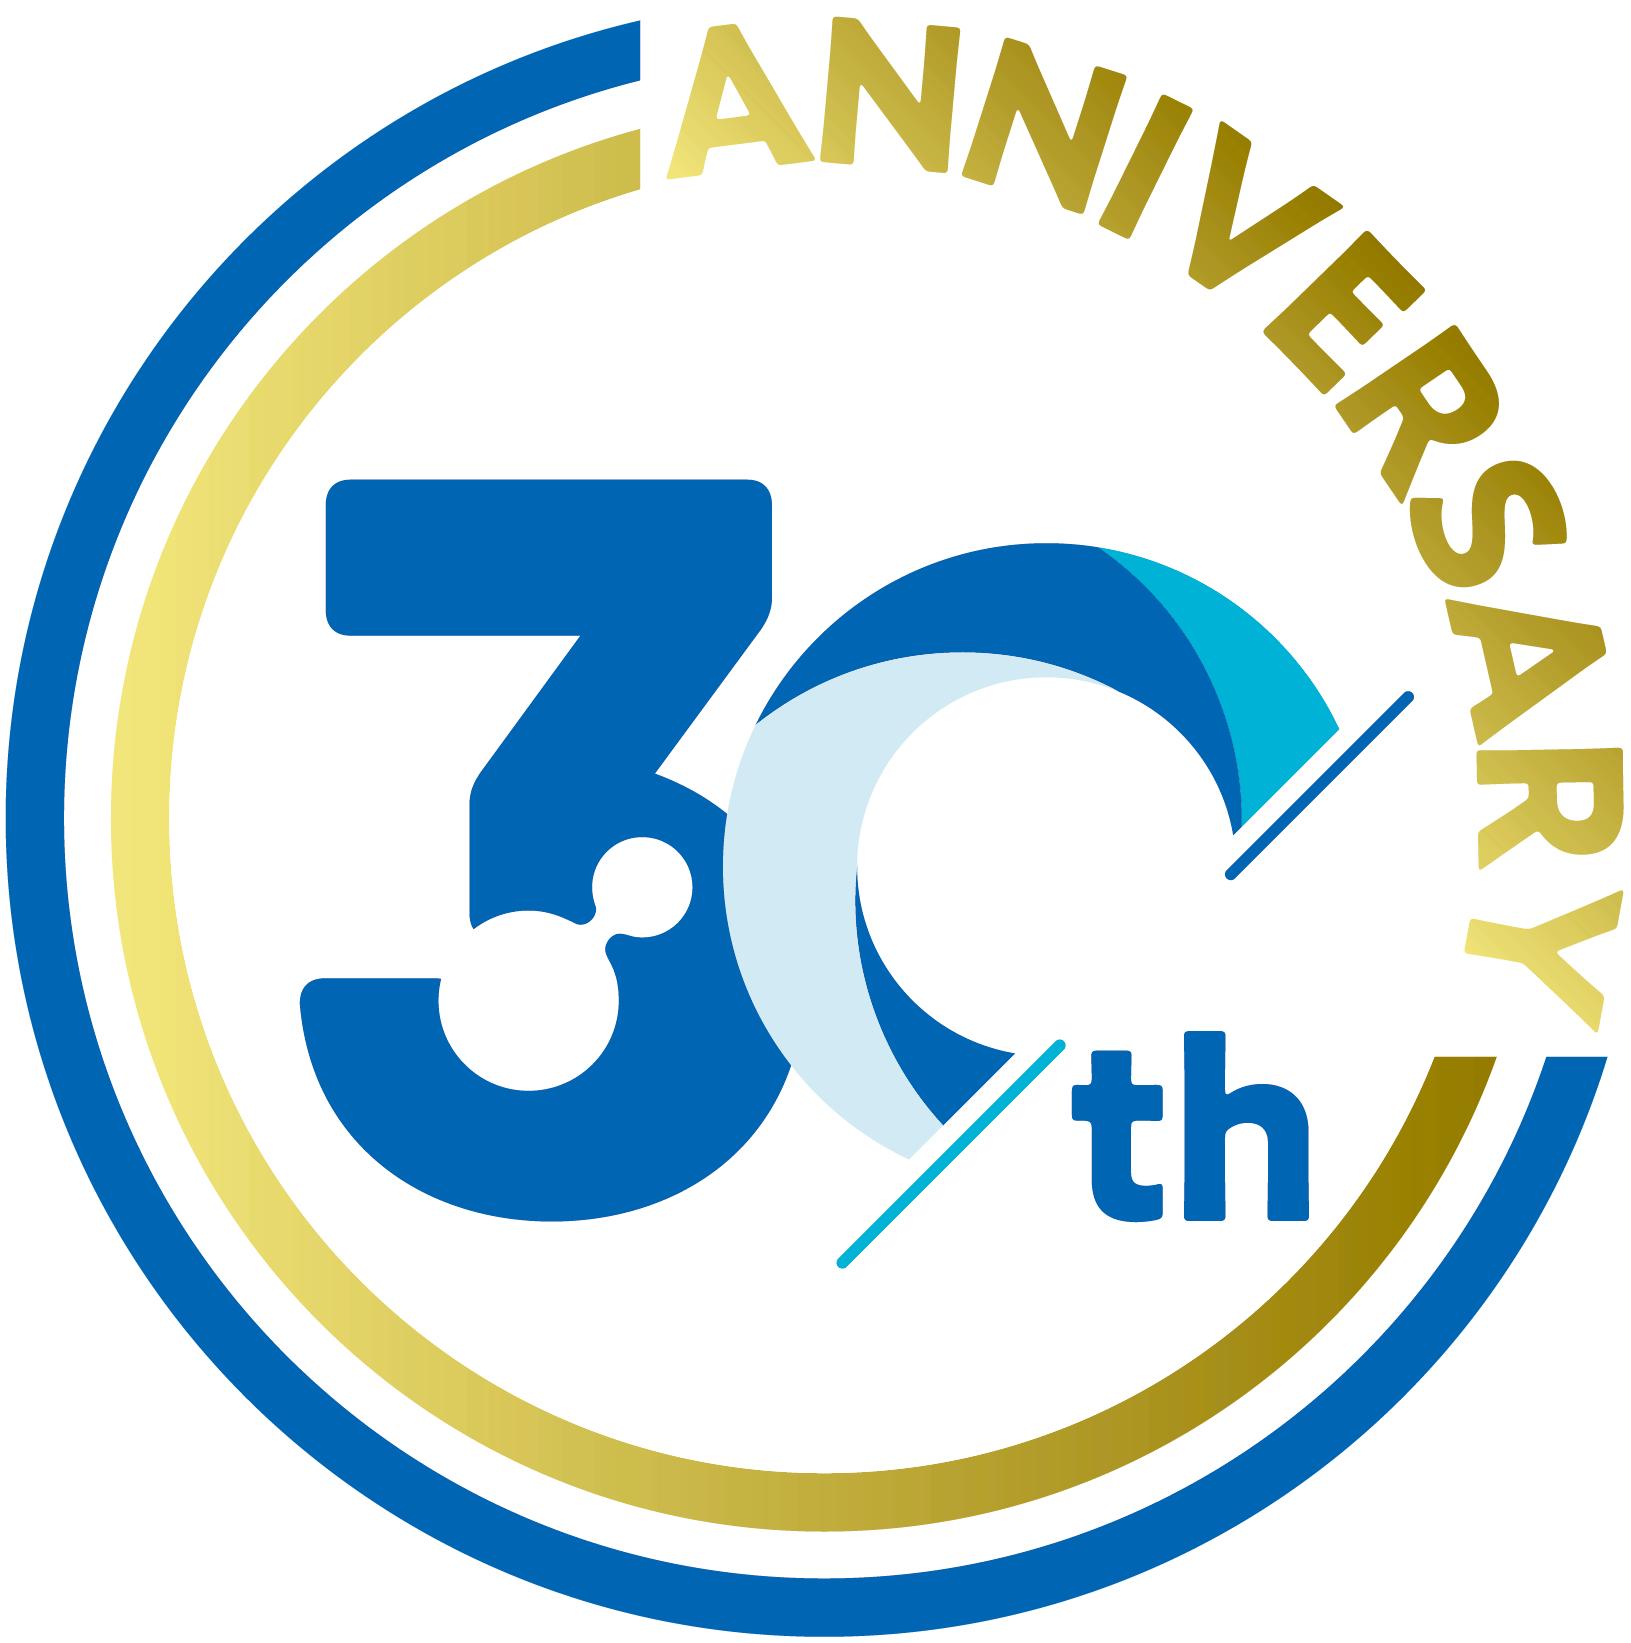 テクニカ30周年記念ロゴ